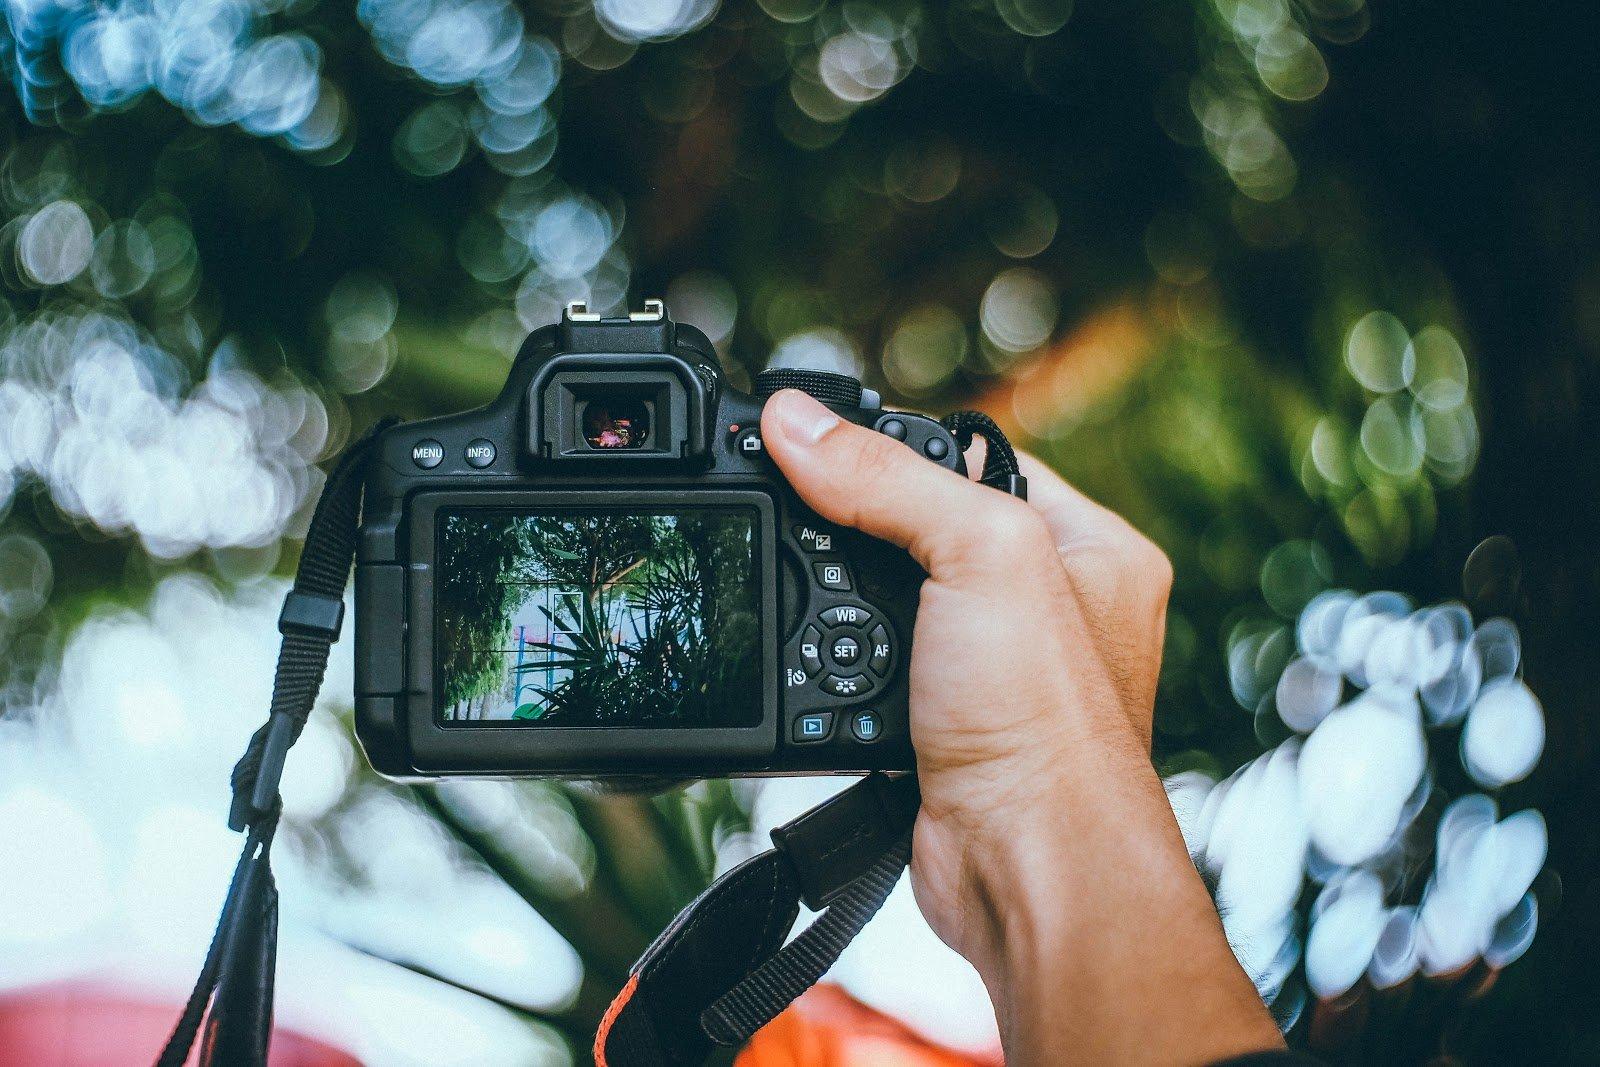 есть ли фотоаппараты которые показывают прошлое дает бег обычным